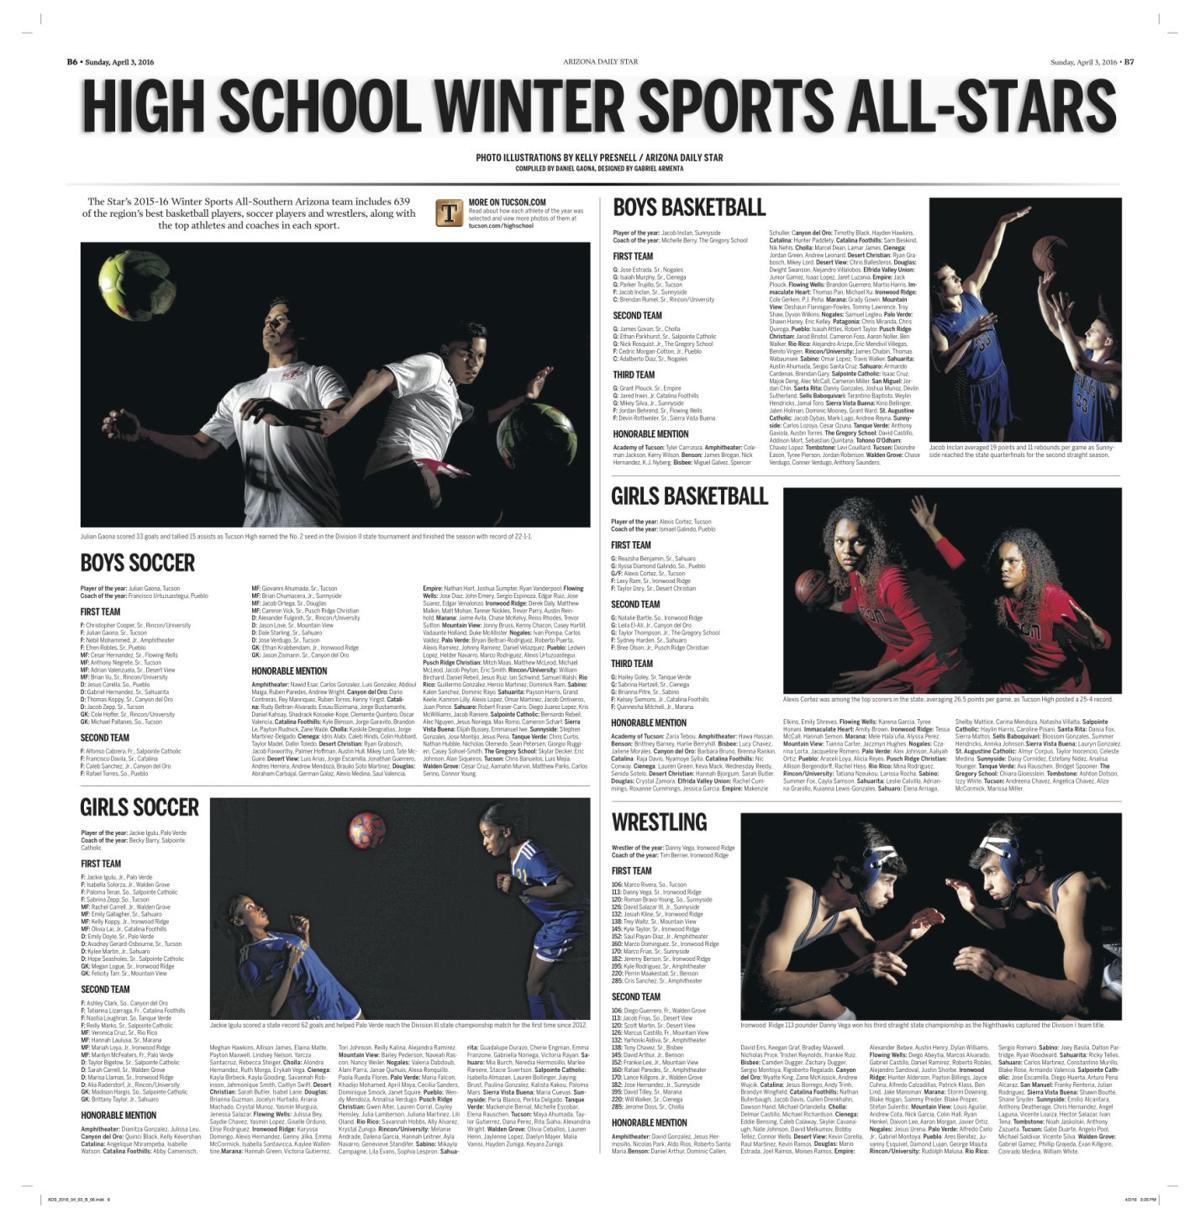 2015-16 Winter Sports All-Stars